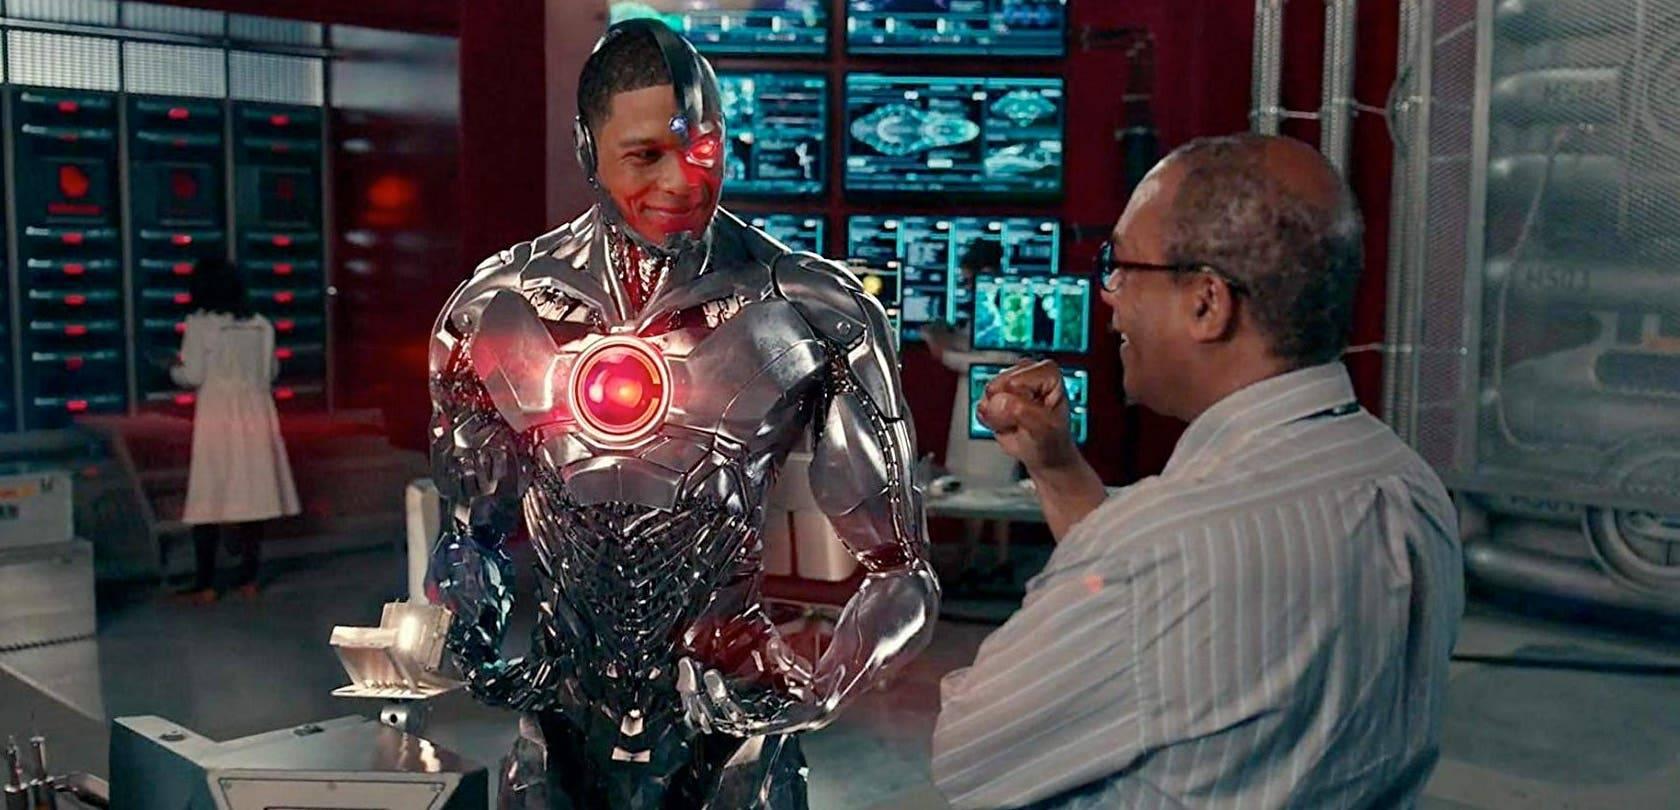 Cyborg tendrá su aspecto original en el Snyder Cut para 2021 2